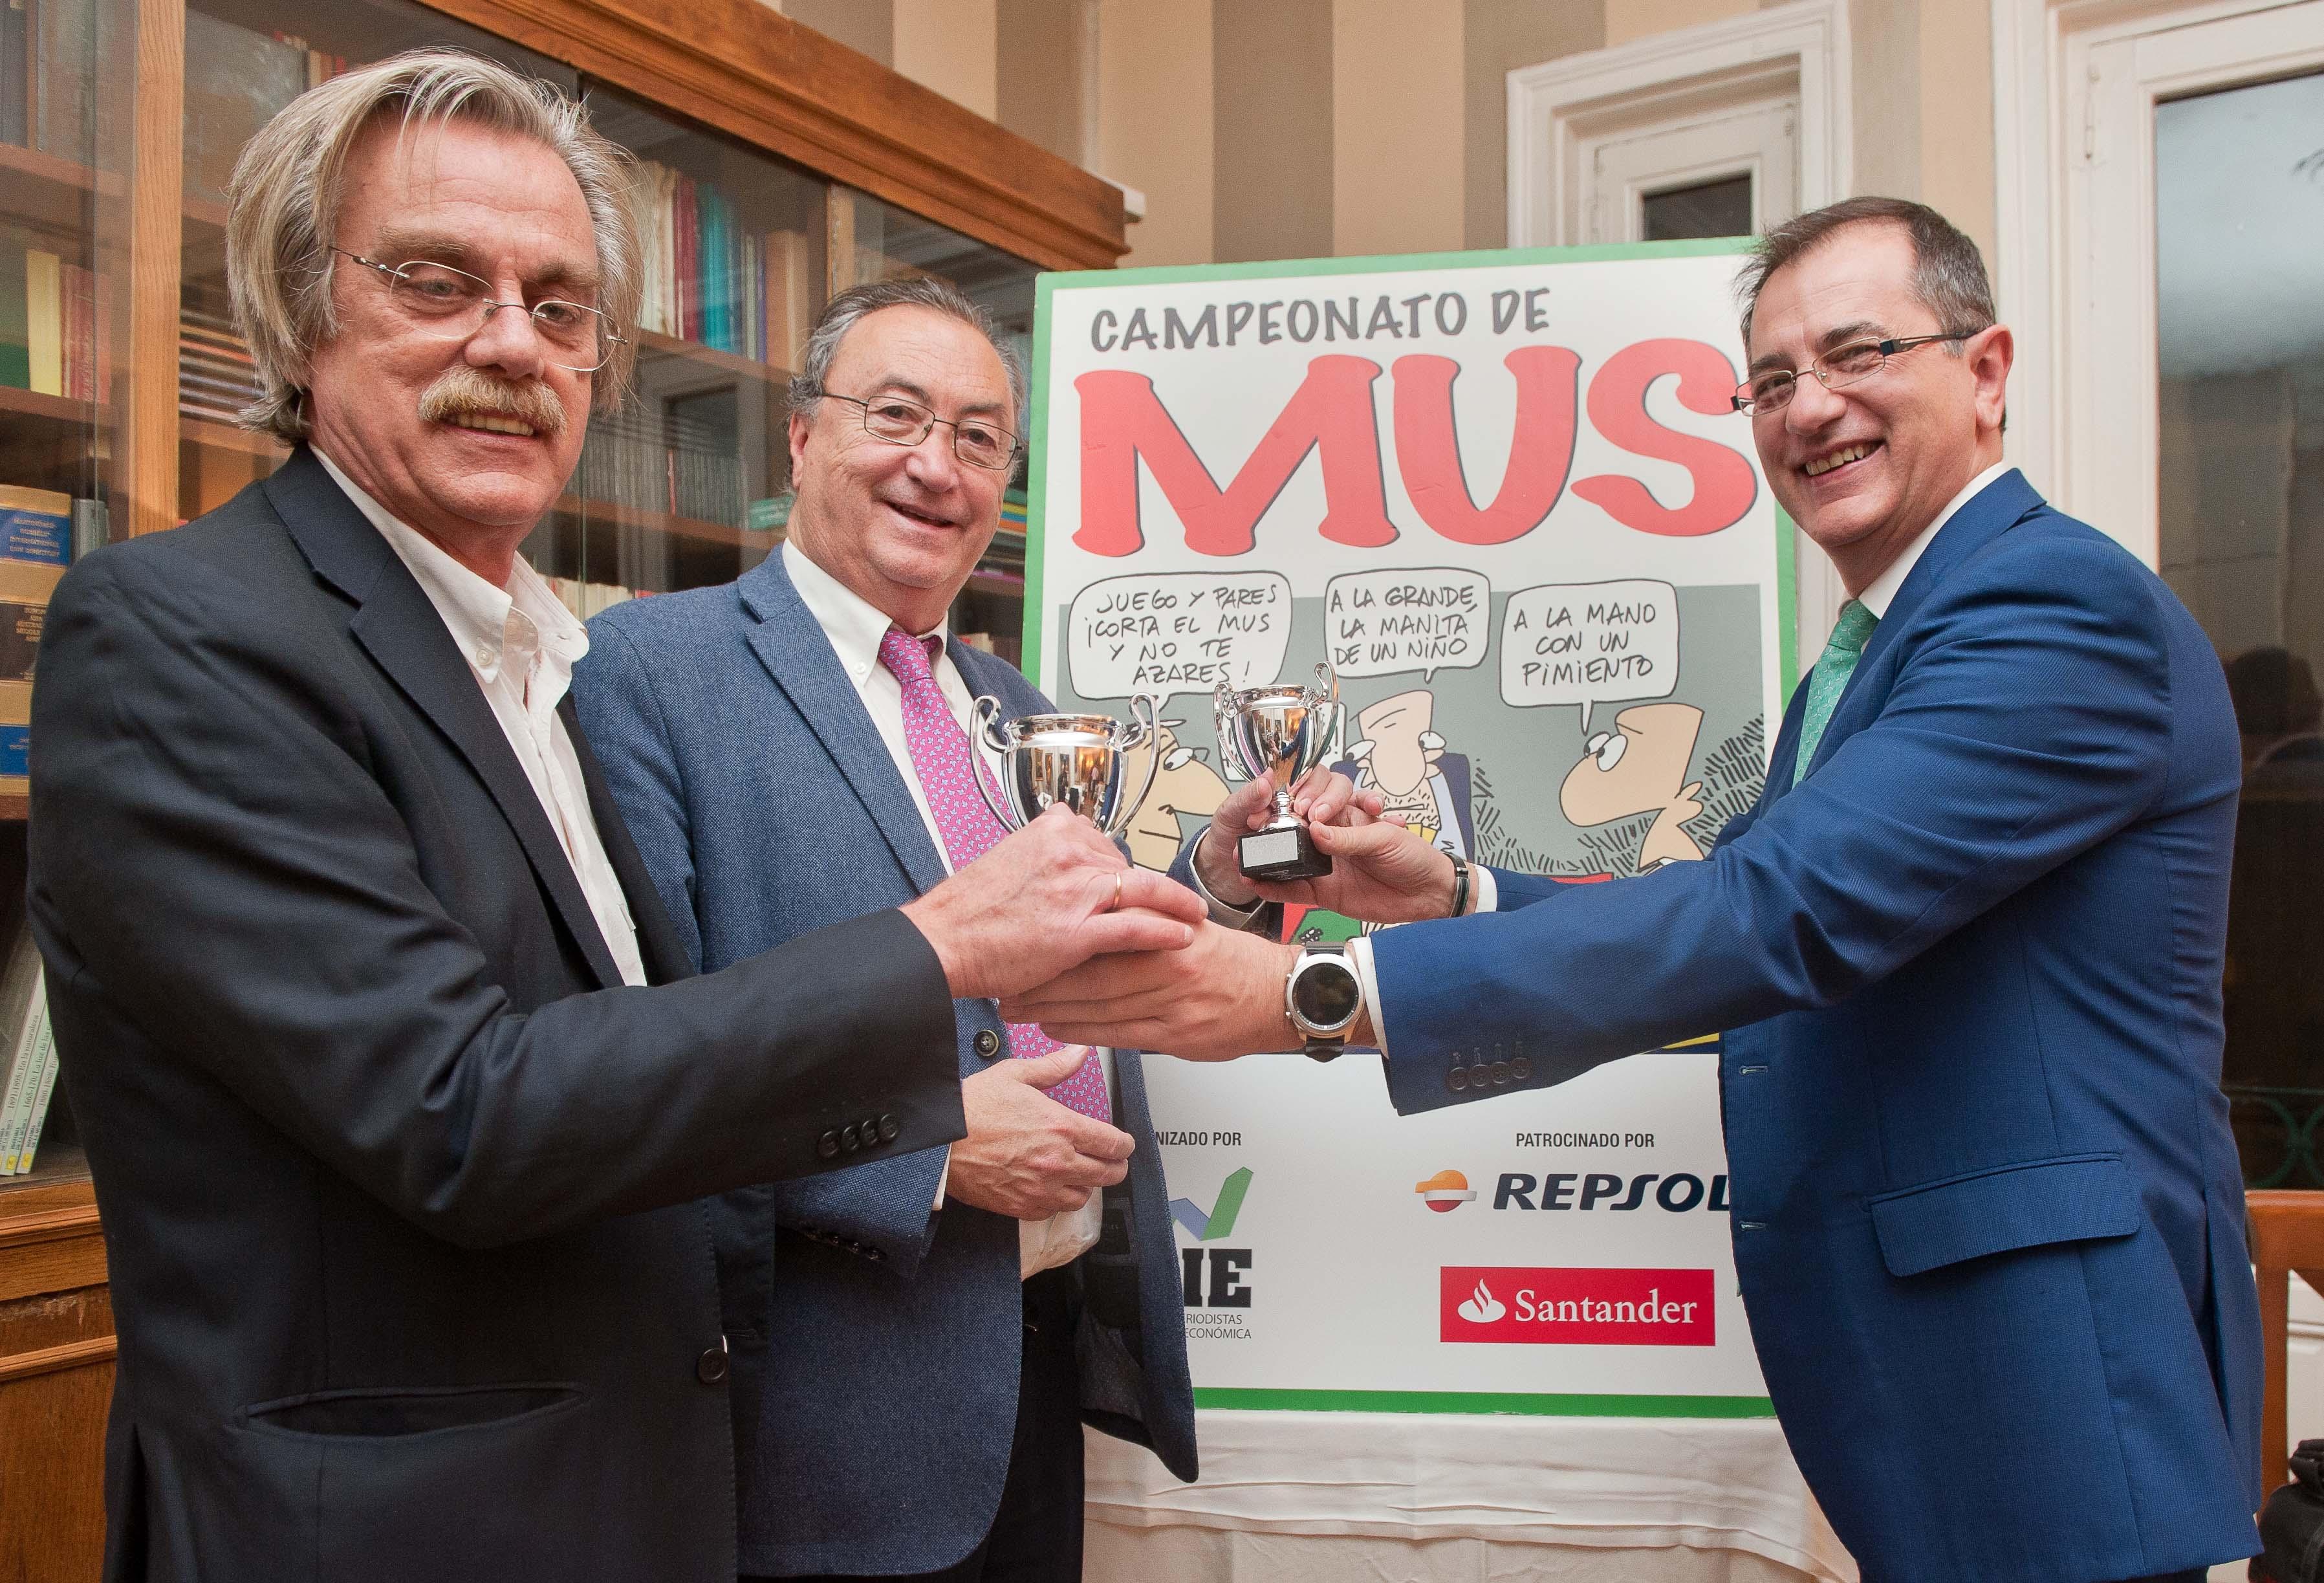 Roberto Santos y Antonio Lago recogen sus premios al Tercer Clasificado de manos de Pedro Carreño, de la Junta Directiva de APIE.